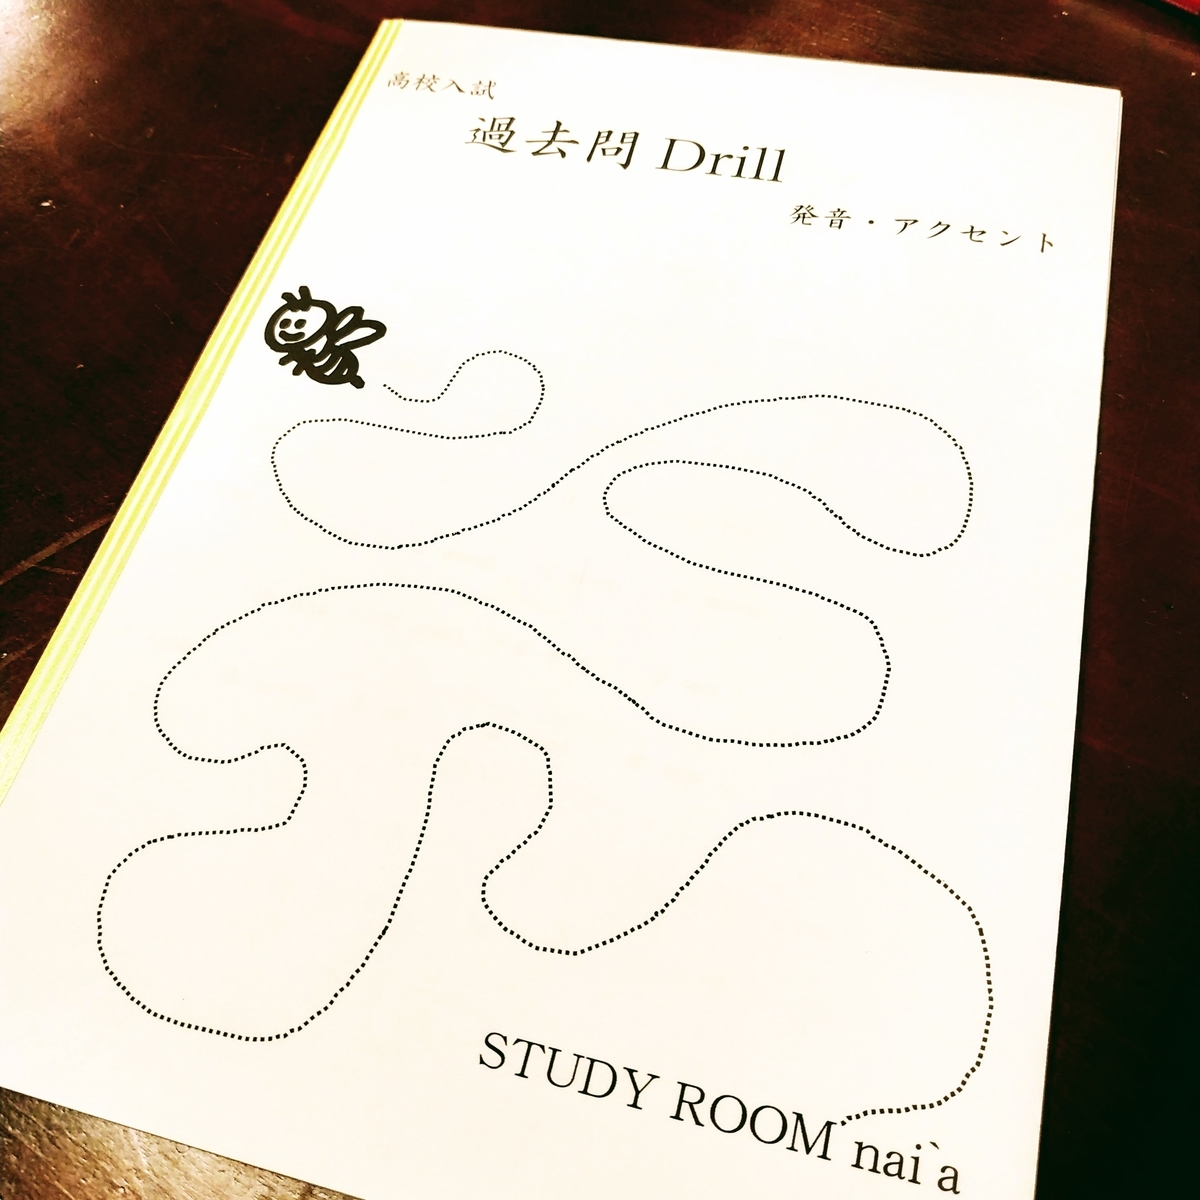 f:id:studyroomnaia:20190703212510j:plain